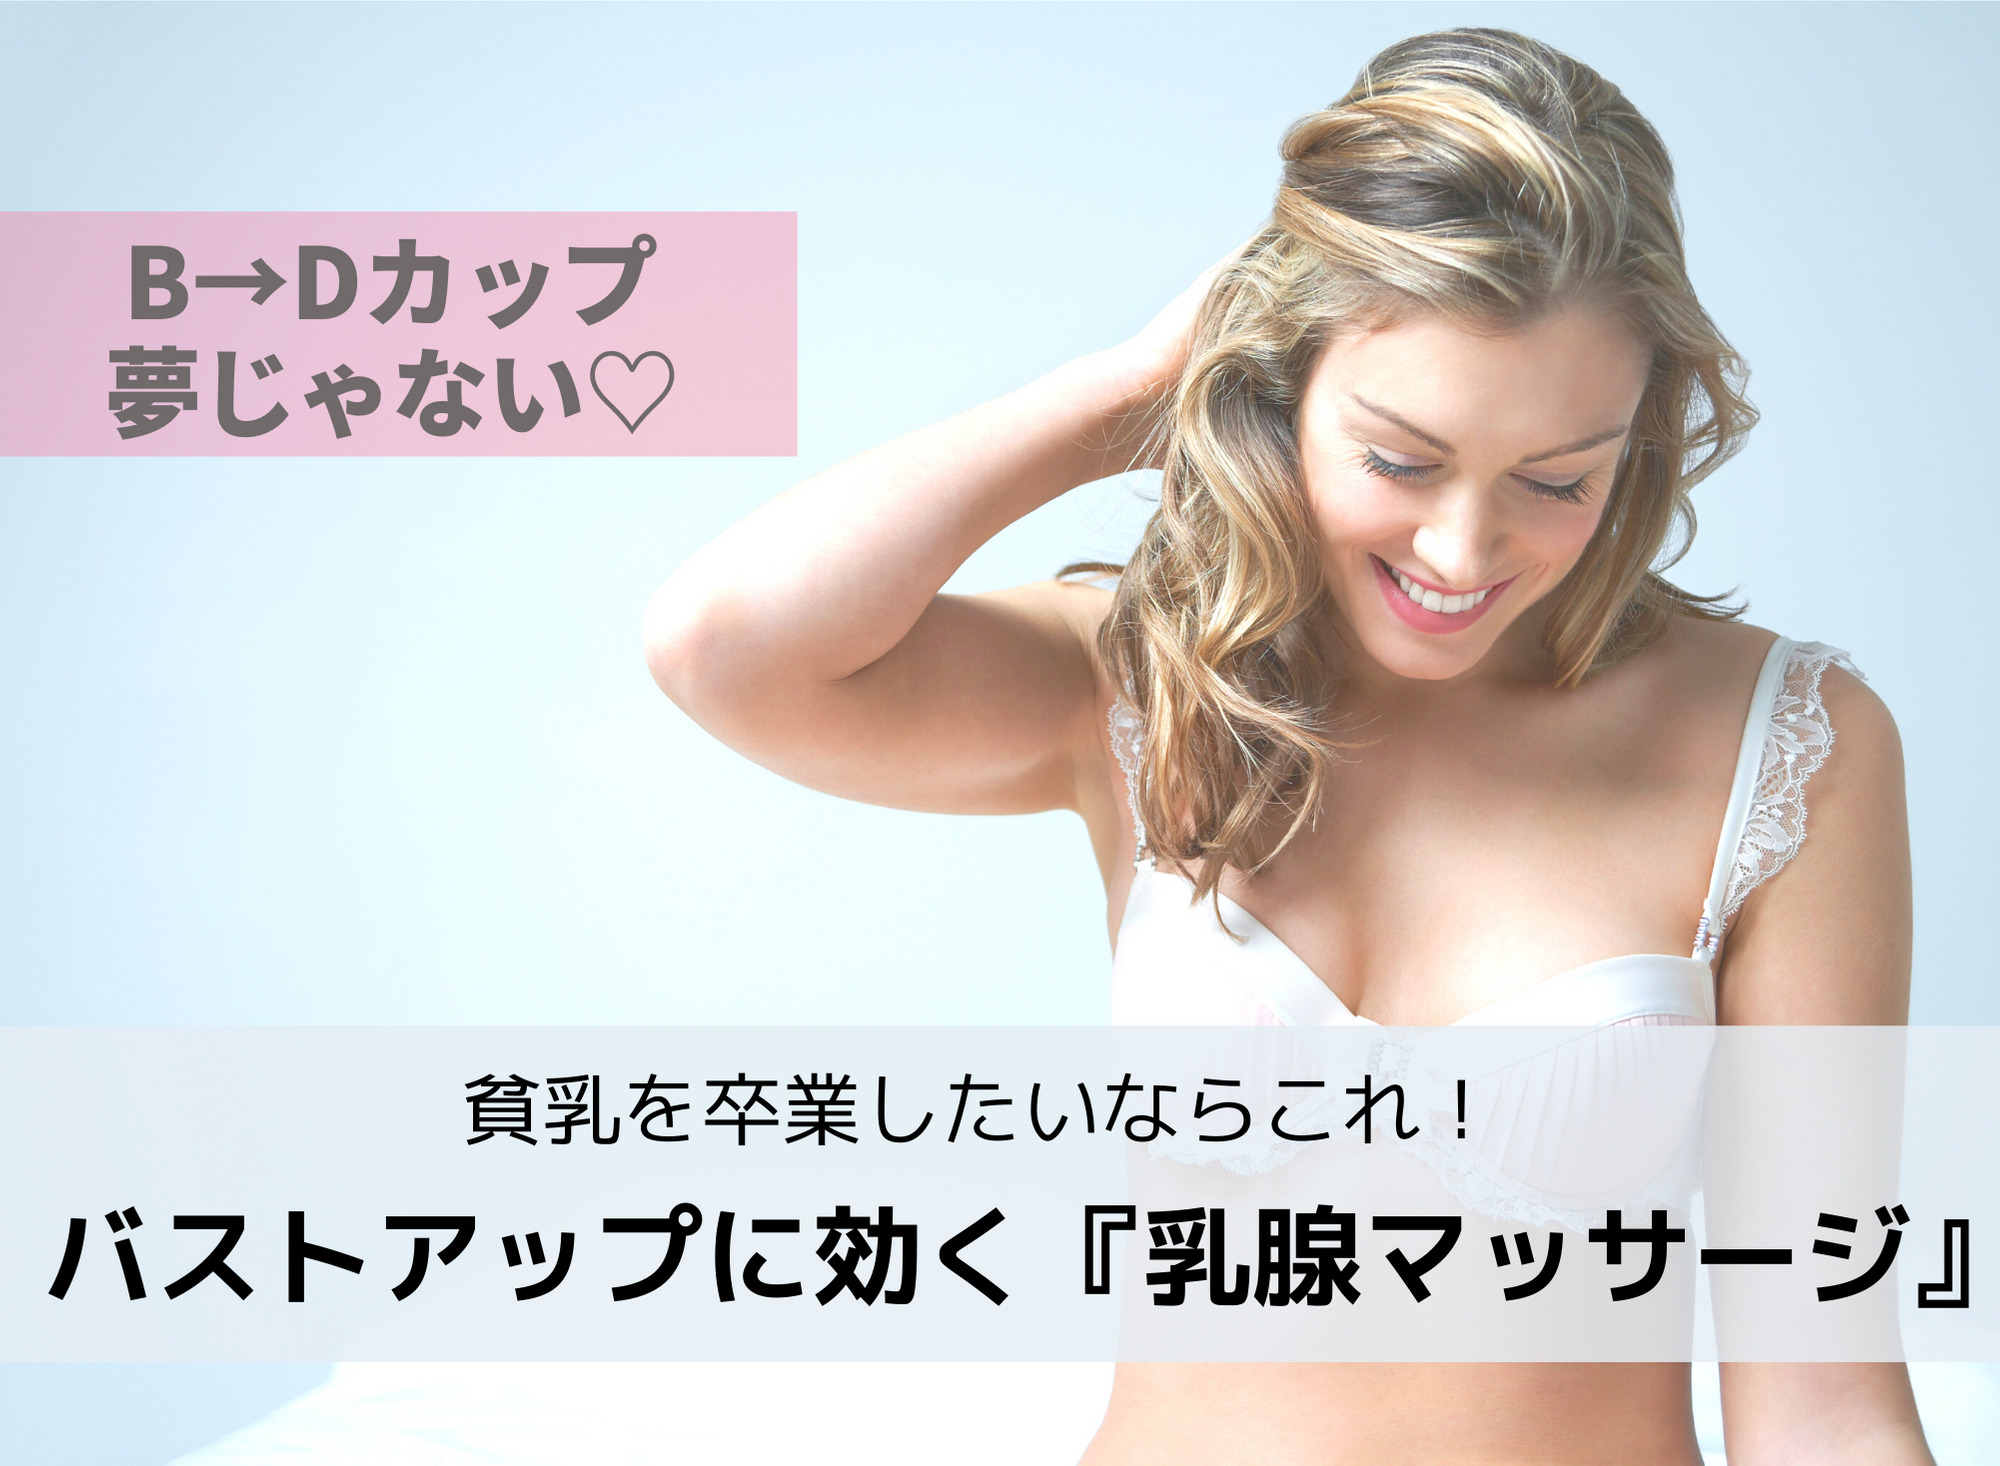 貧乳の女性がバストアップできる!簡単『乳腺マッサージ』